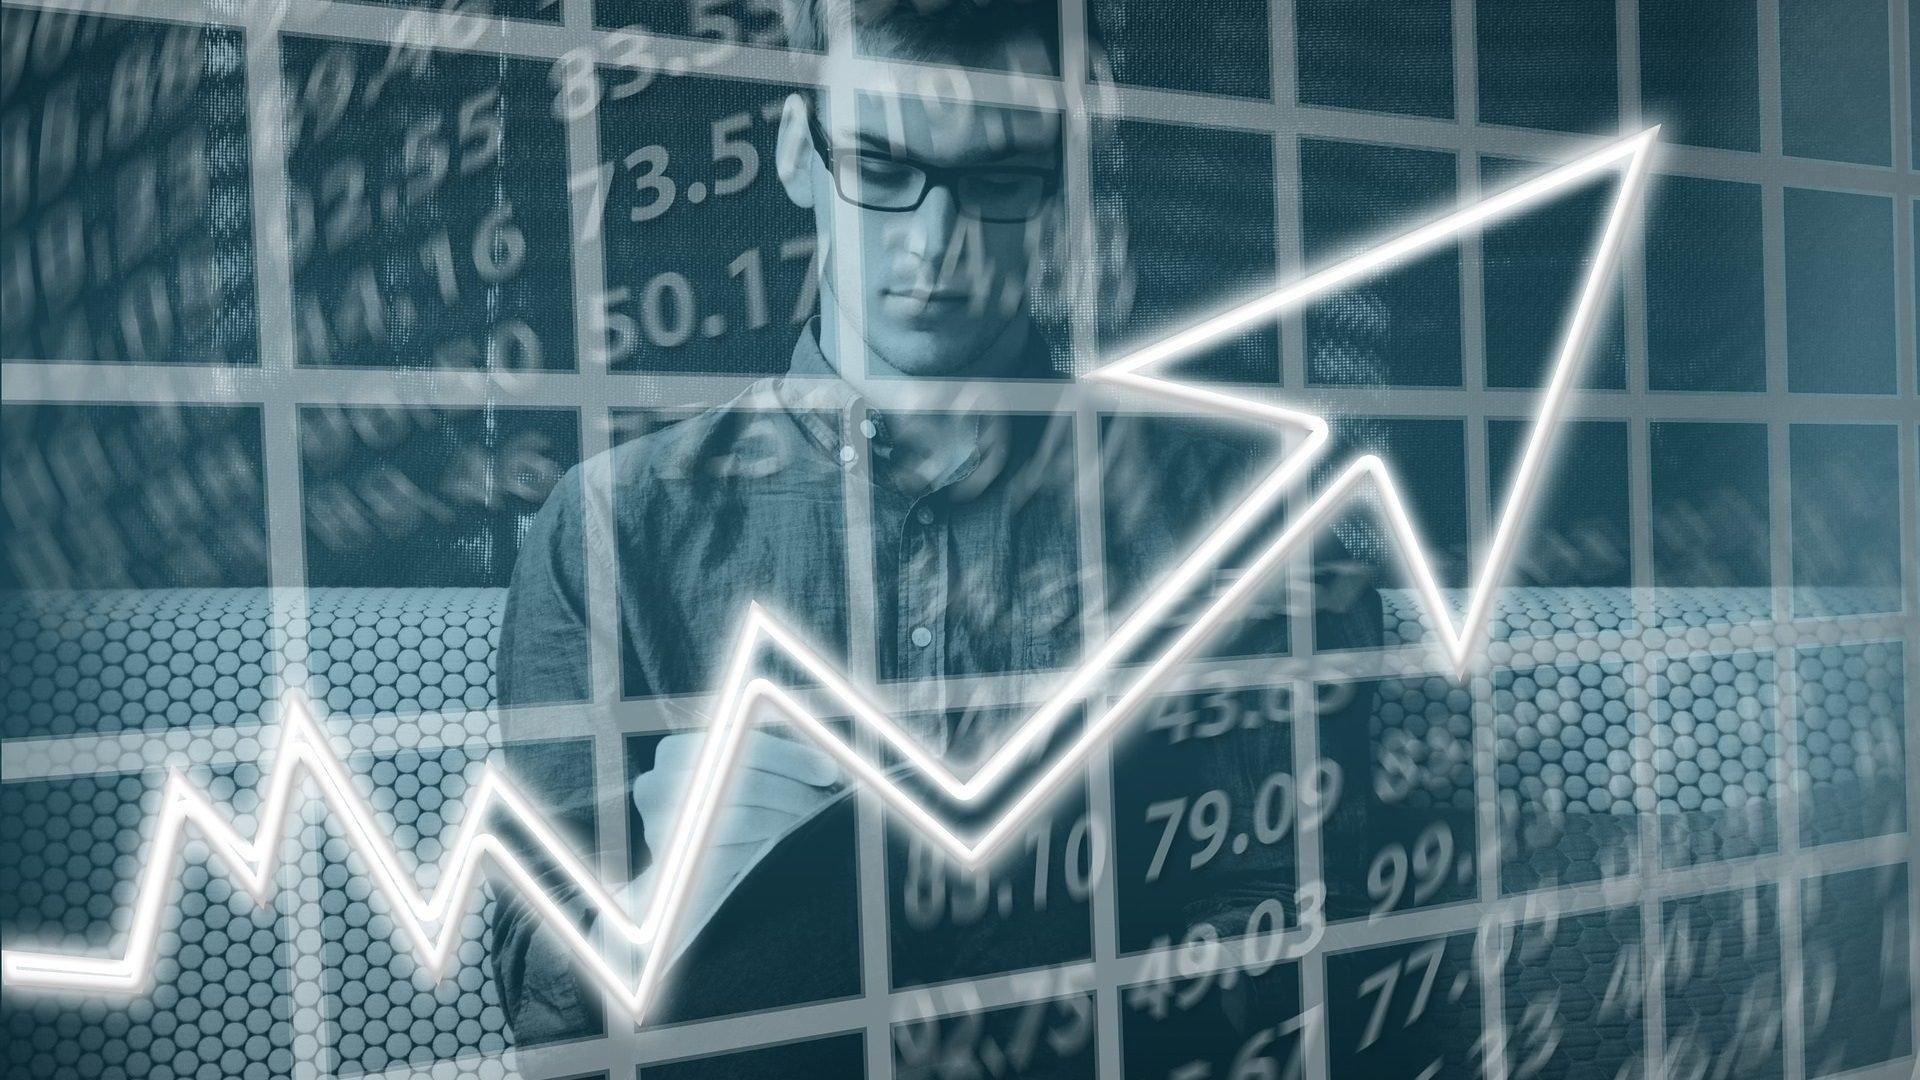 TV-spotmarkt groeit met 6,8% in eerste kwartaal 2018